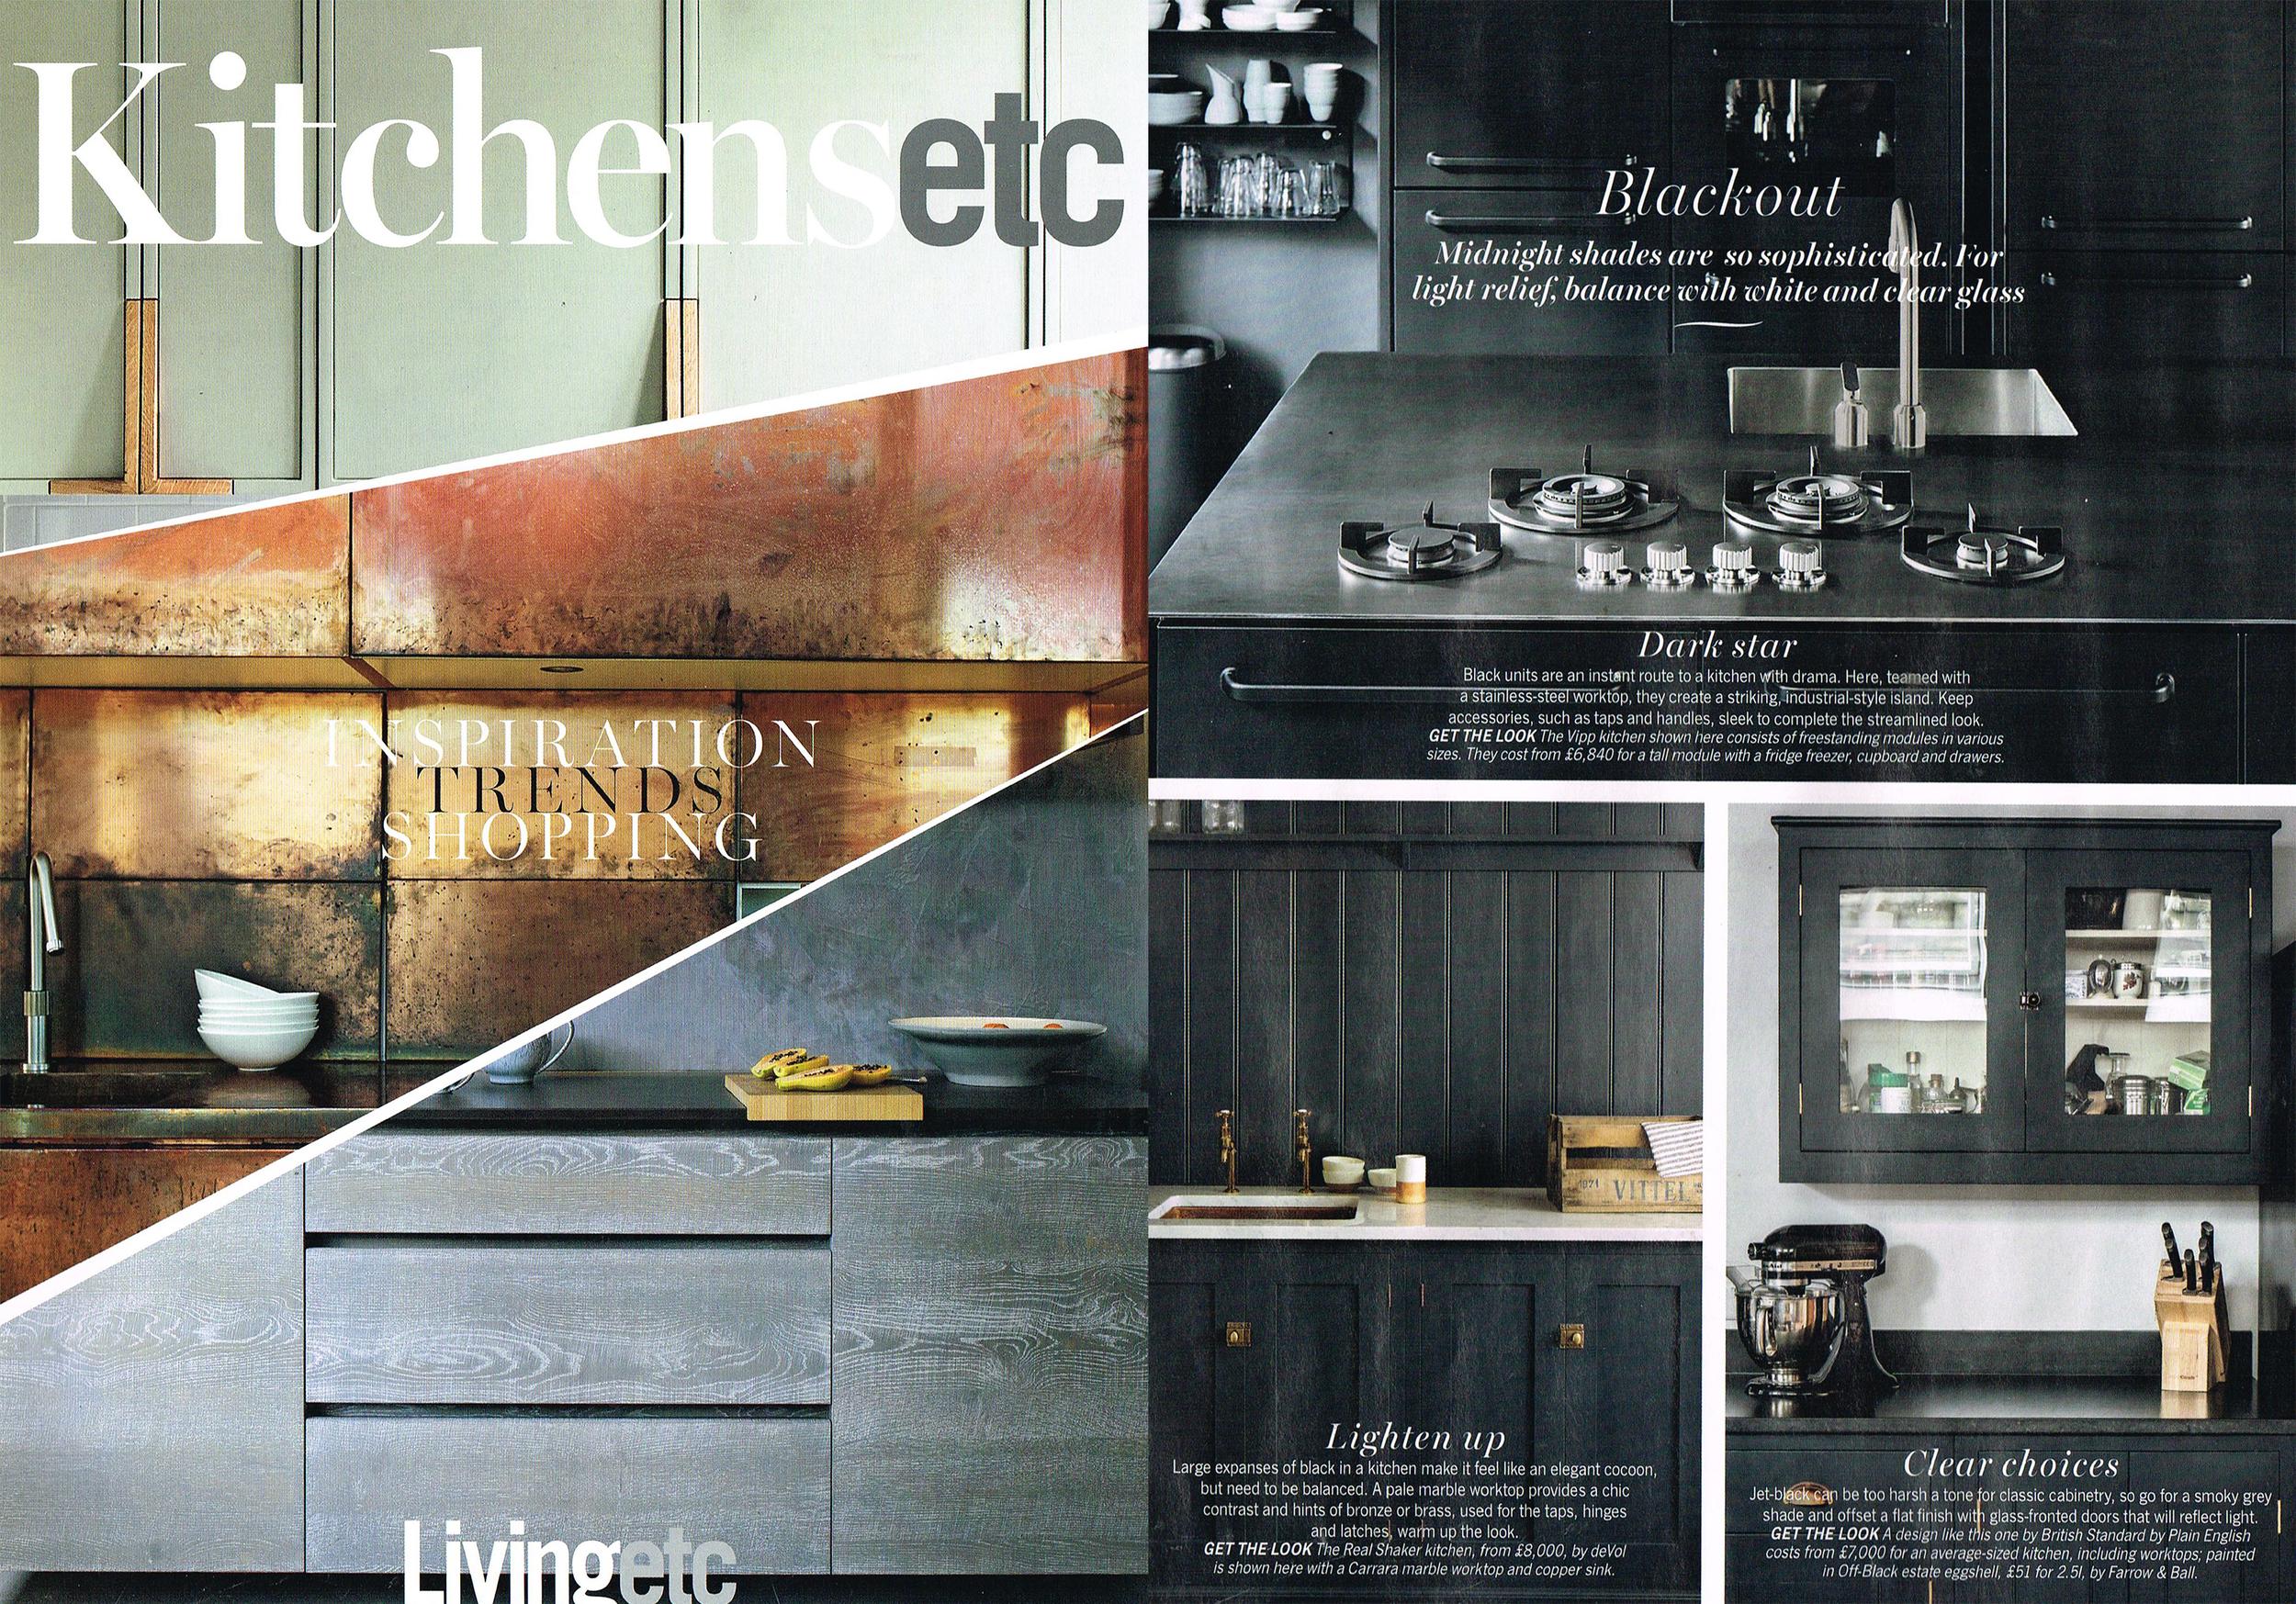 BS_Kitchensetc_Nov-2.jpg